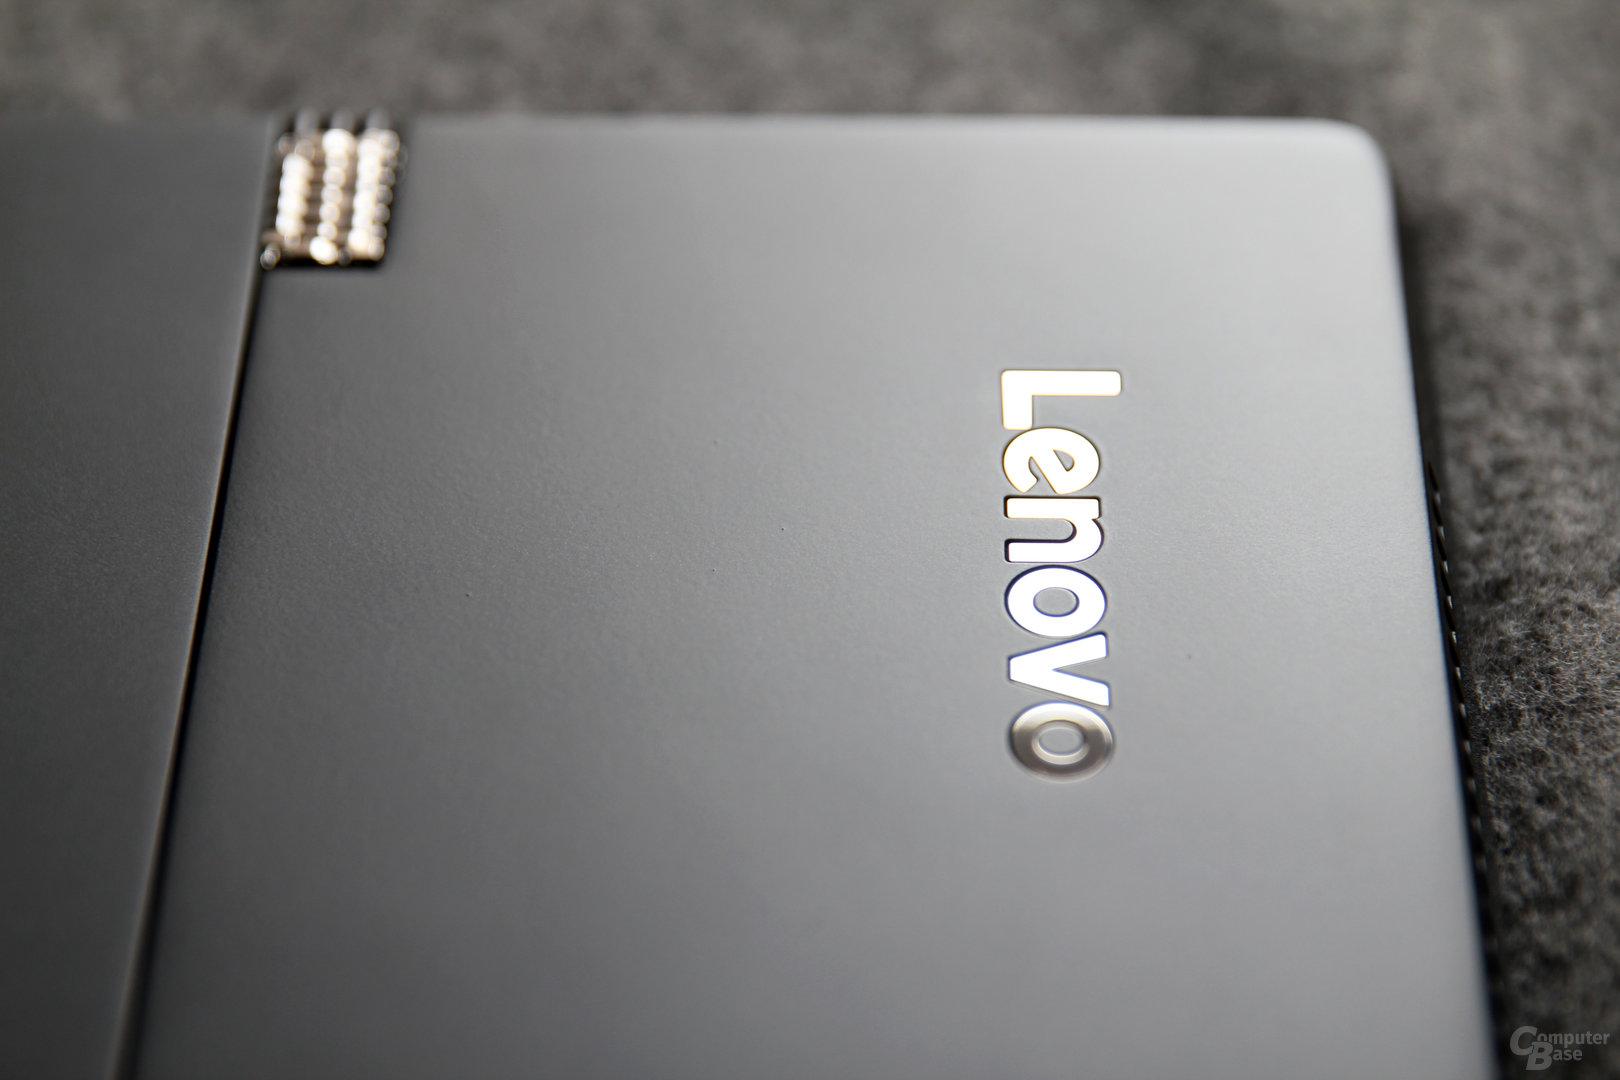 Lenovo platziert silberne Akzente auf das mattschwarze Chassis